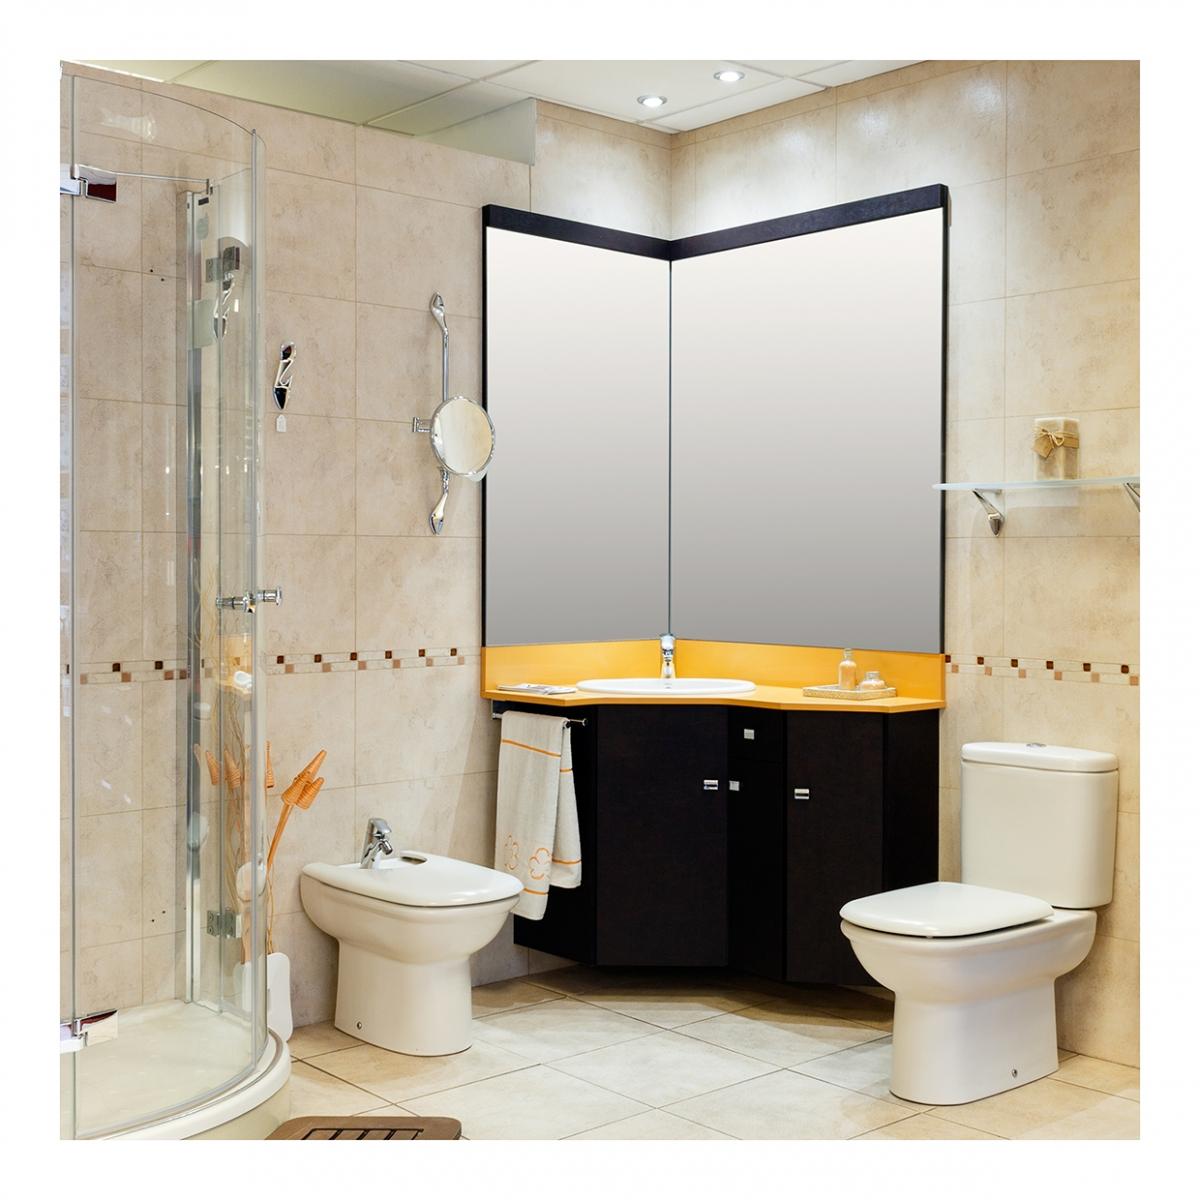 Imagen en la que se ve un cuarto de baño con ducha